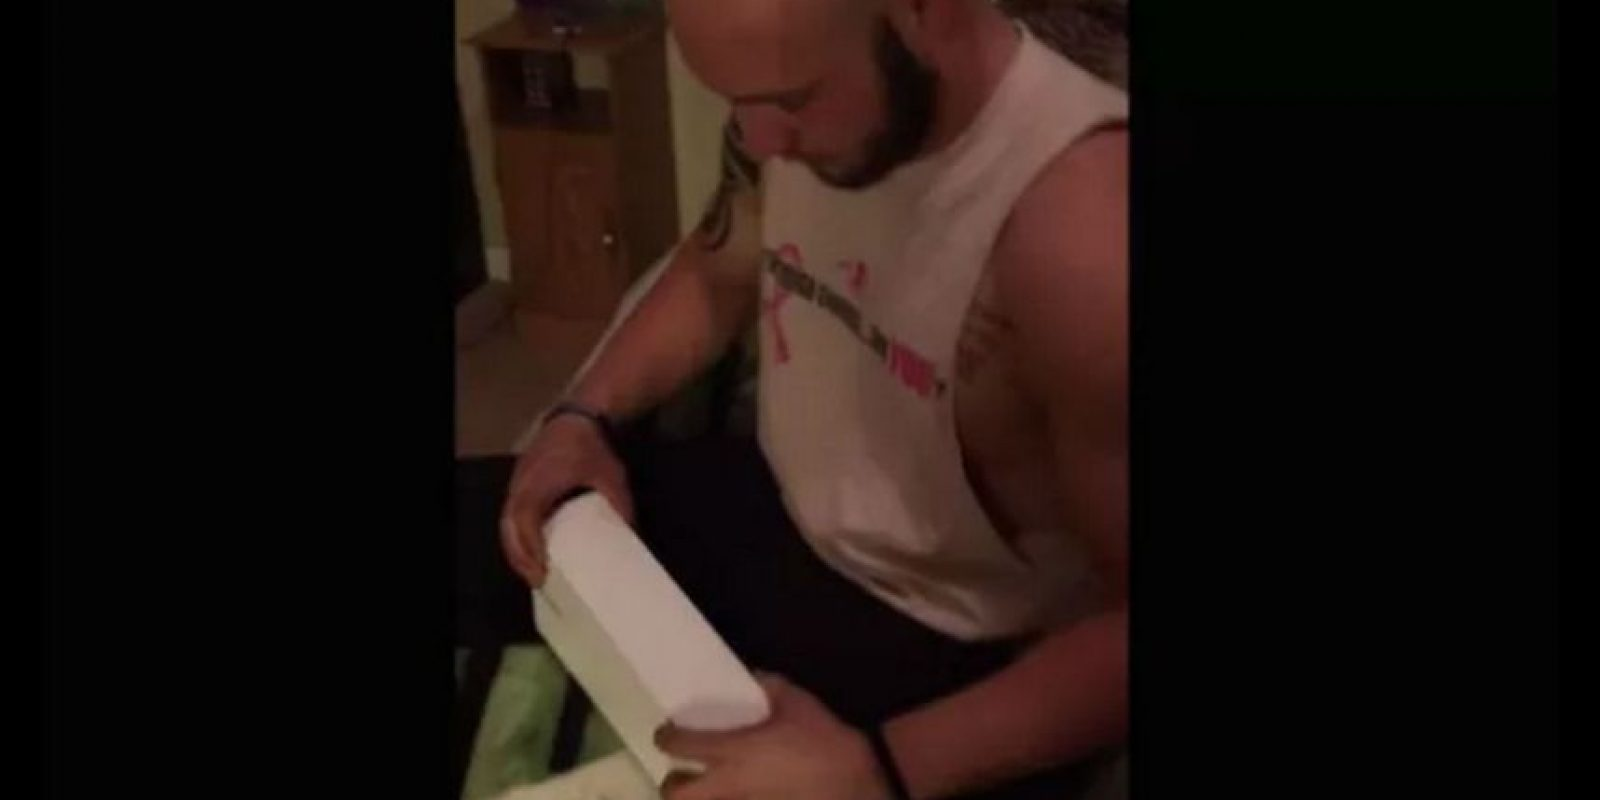 La caja blanca hizo suponer a este hombre que recibía un Apple Watch. Foto:vía YouTube.com